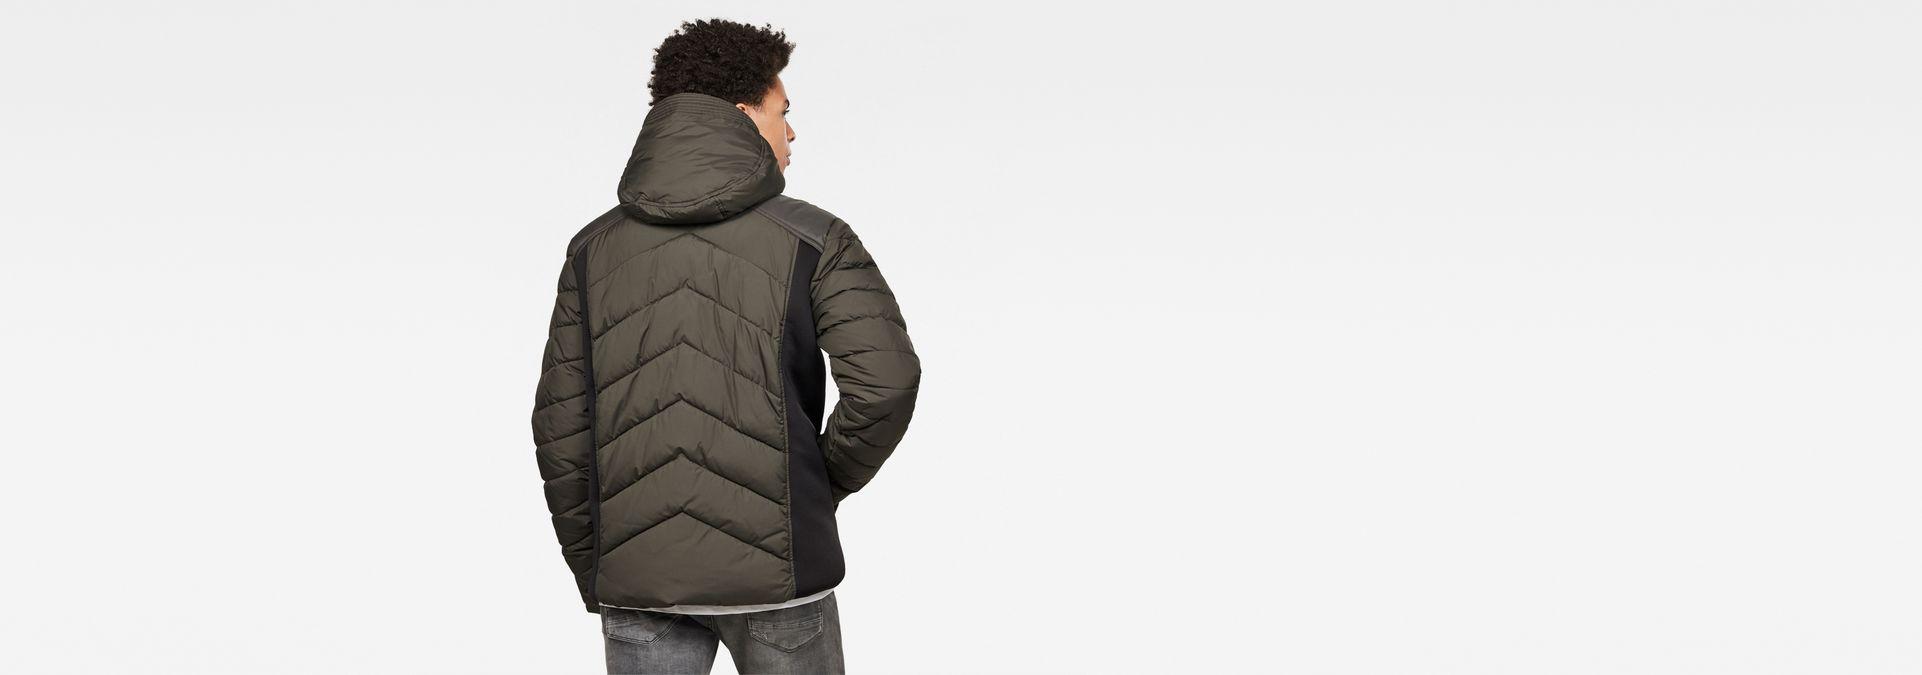 Motac Zip puffer Jacket | Asfalt | Men | G Star RAW®